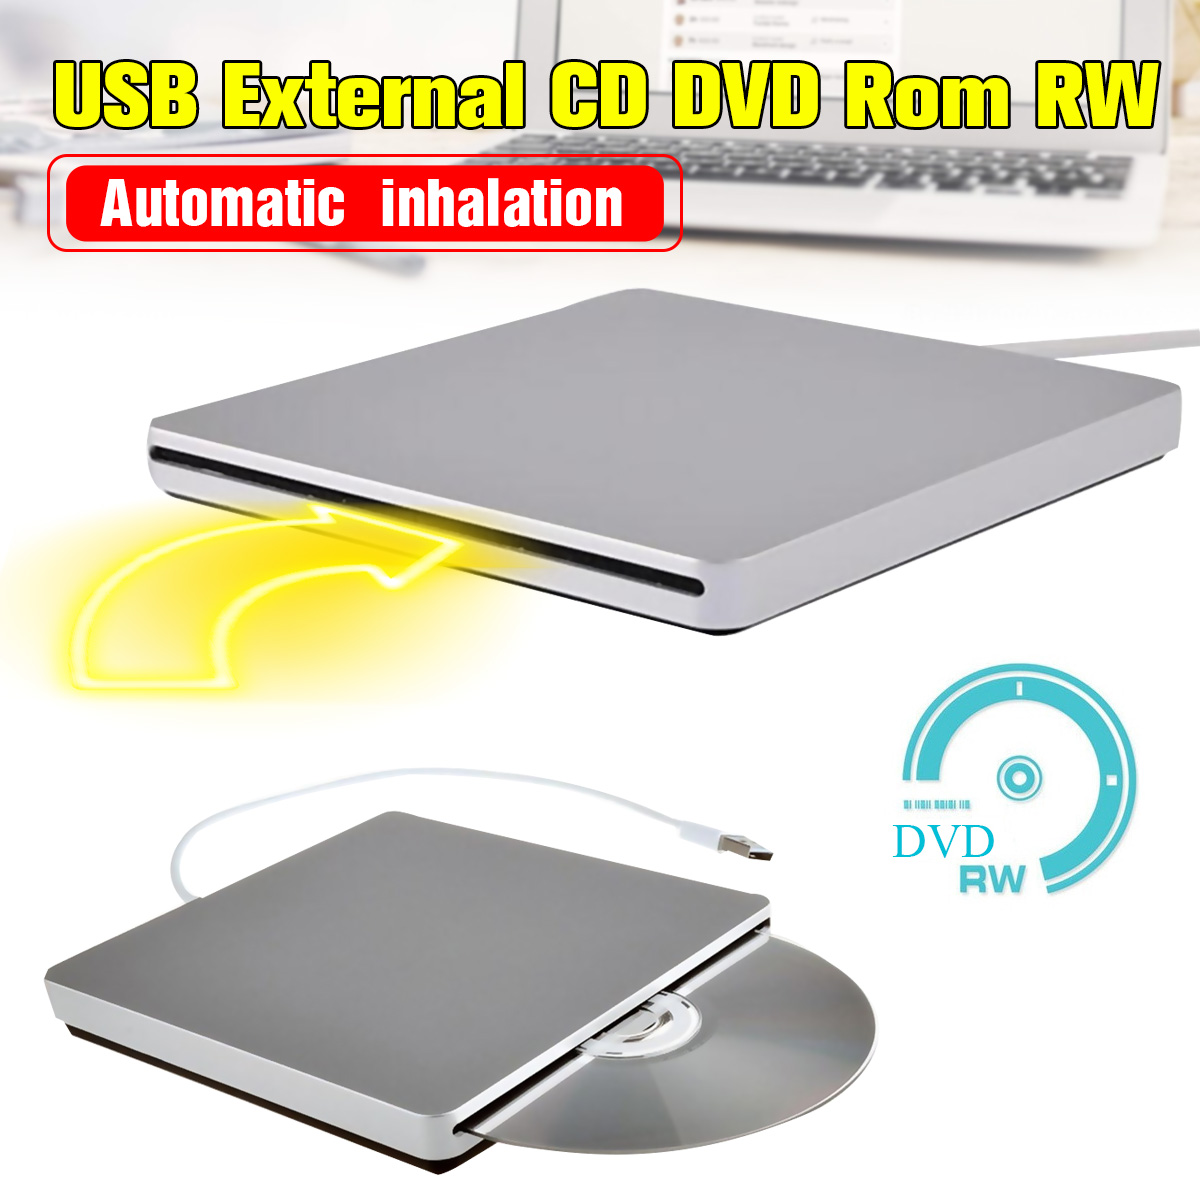 Portátil Ultra Slim USB 2,0 ranura externa-en CD Rom de DVD RW jugador quemador unidad para iMac MacBook aire para Mac Win8 portátil